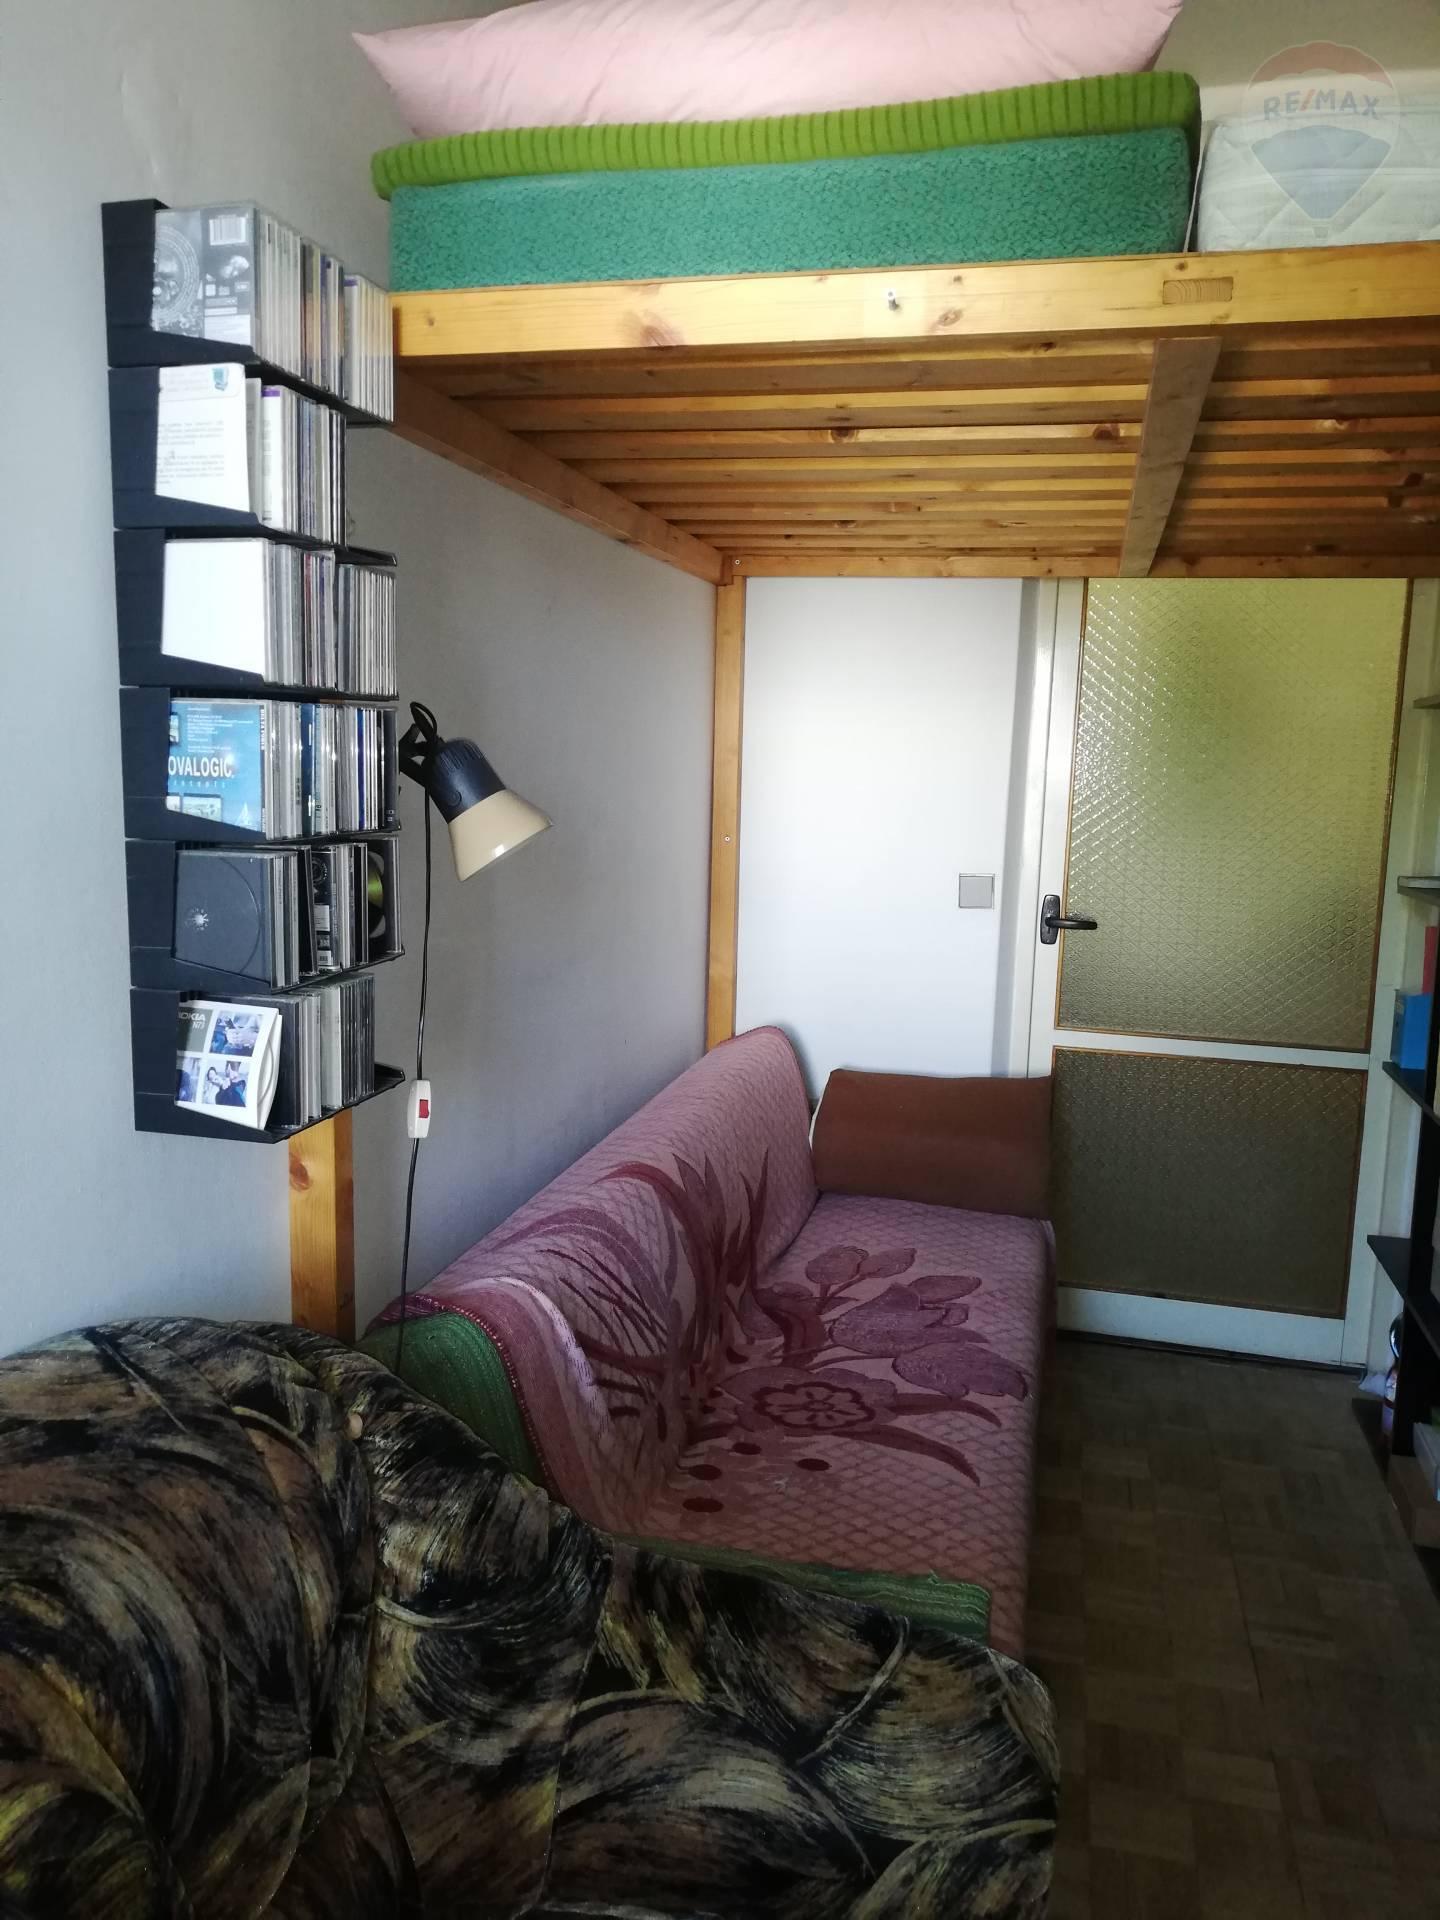 Predaj bytu (3 izbový) 75 m2, Bratislava - Ružinov - 3izbový byt izba